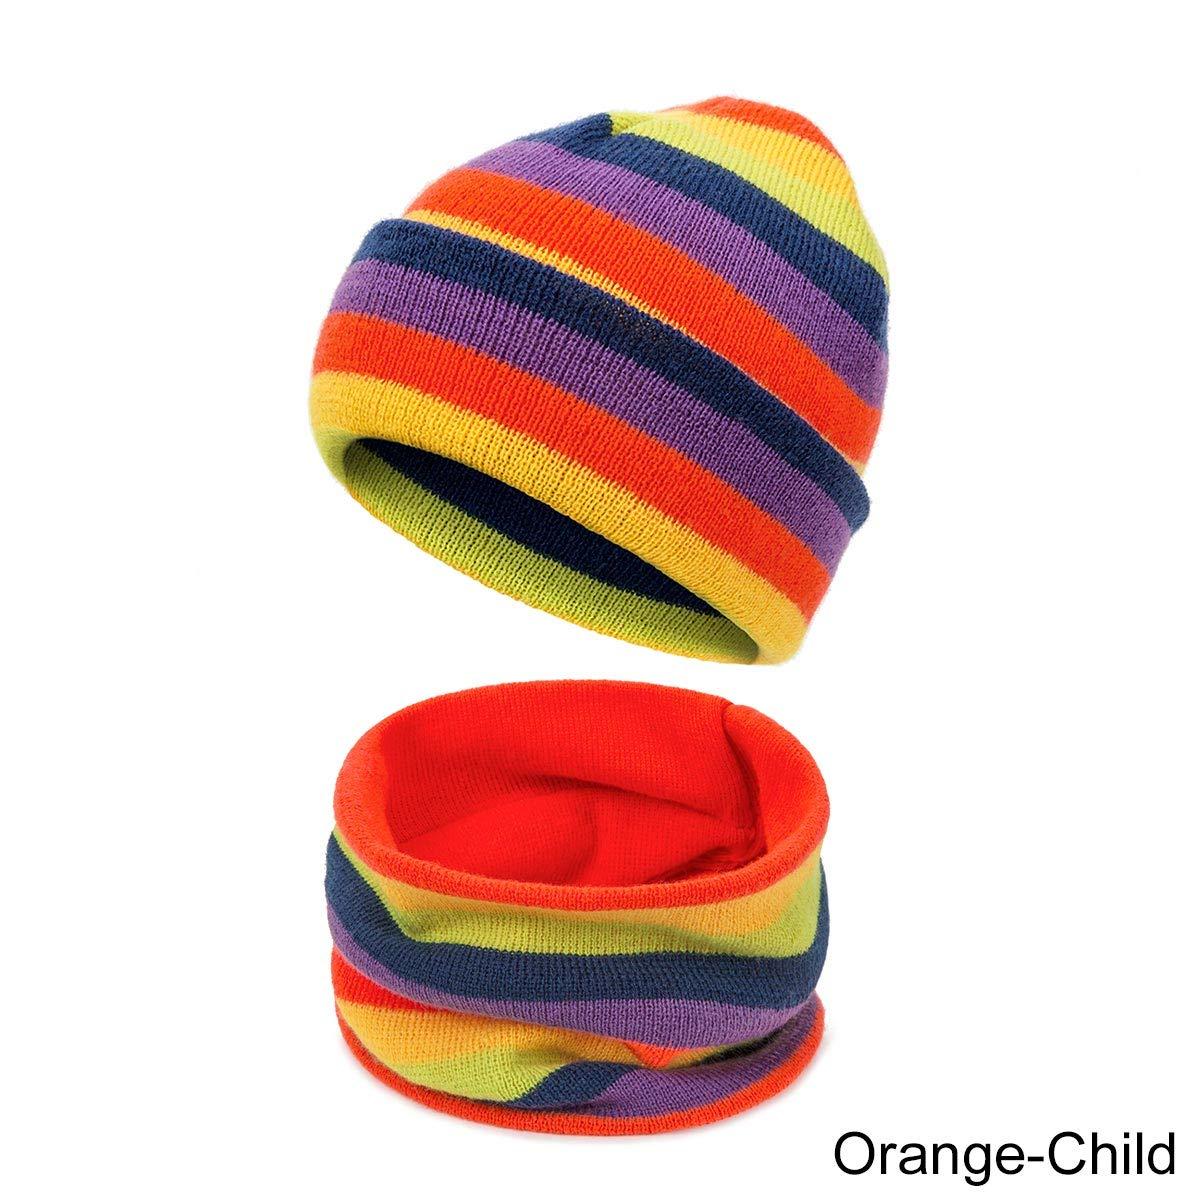 Tian Ran Dai Cappelli da Maglia Caldi Invernali per Genitori-Figli Set di Sciarpe Berretto di Lana con Cappuccio Ampio e sciccoso Berretto